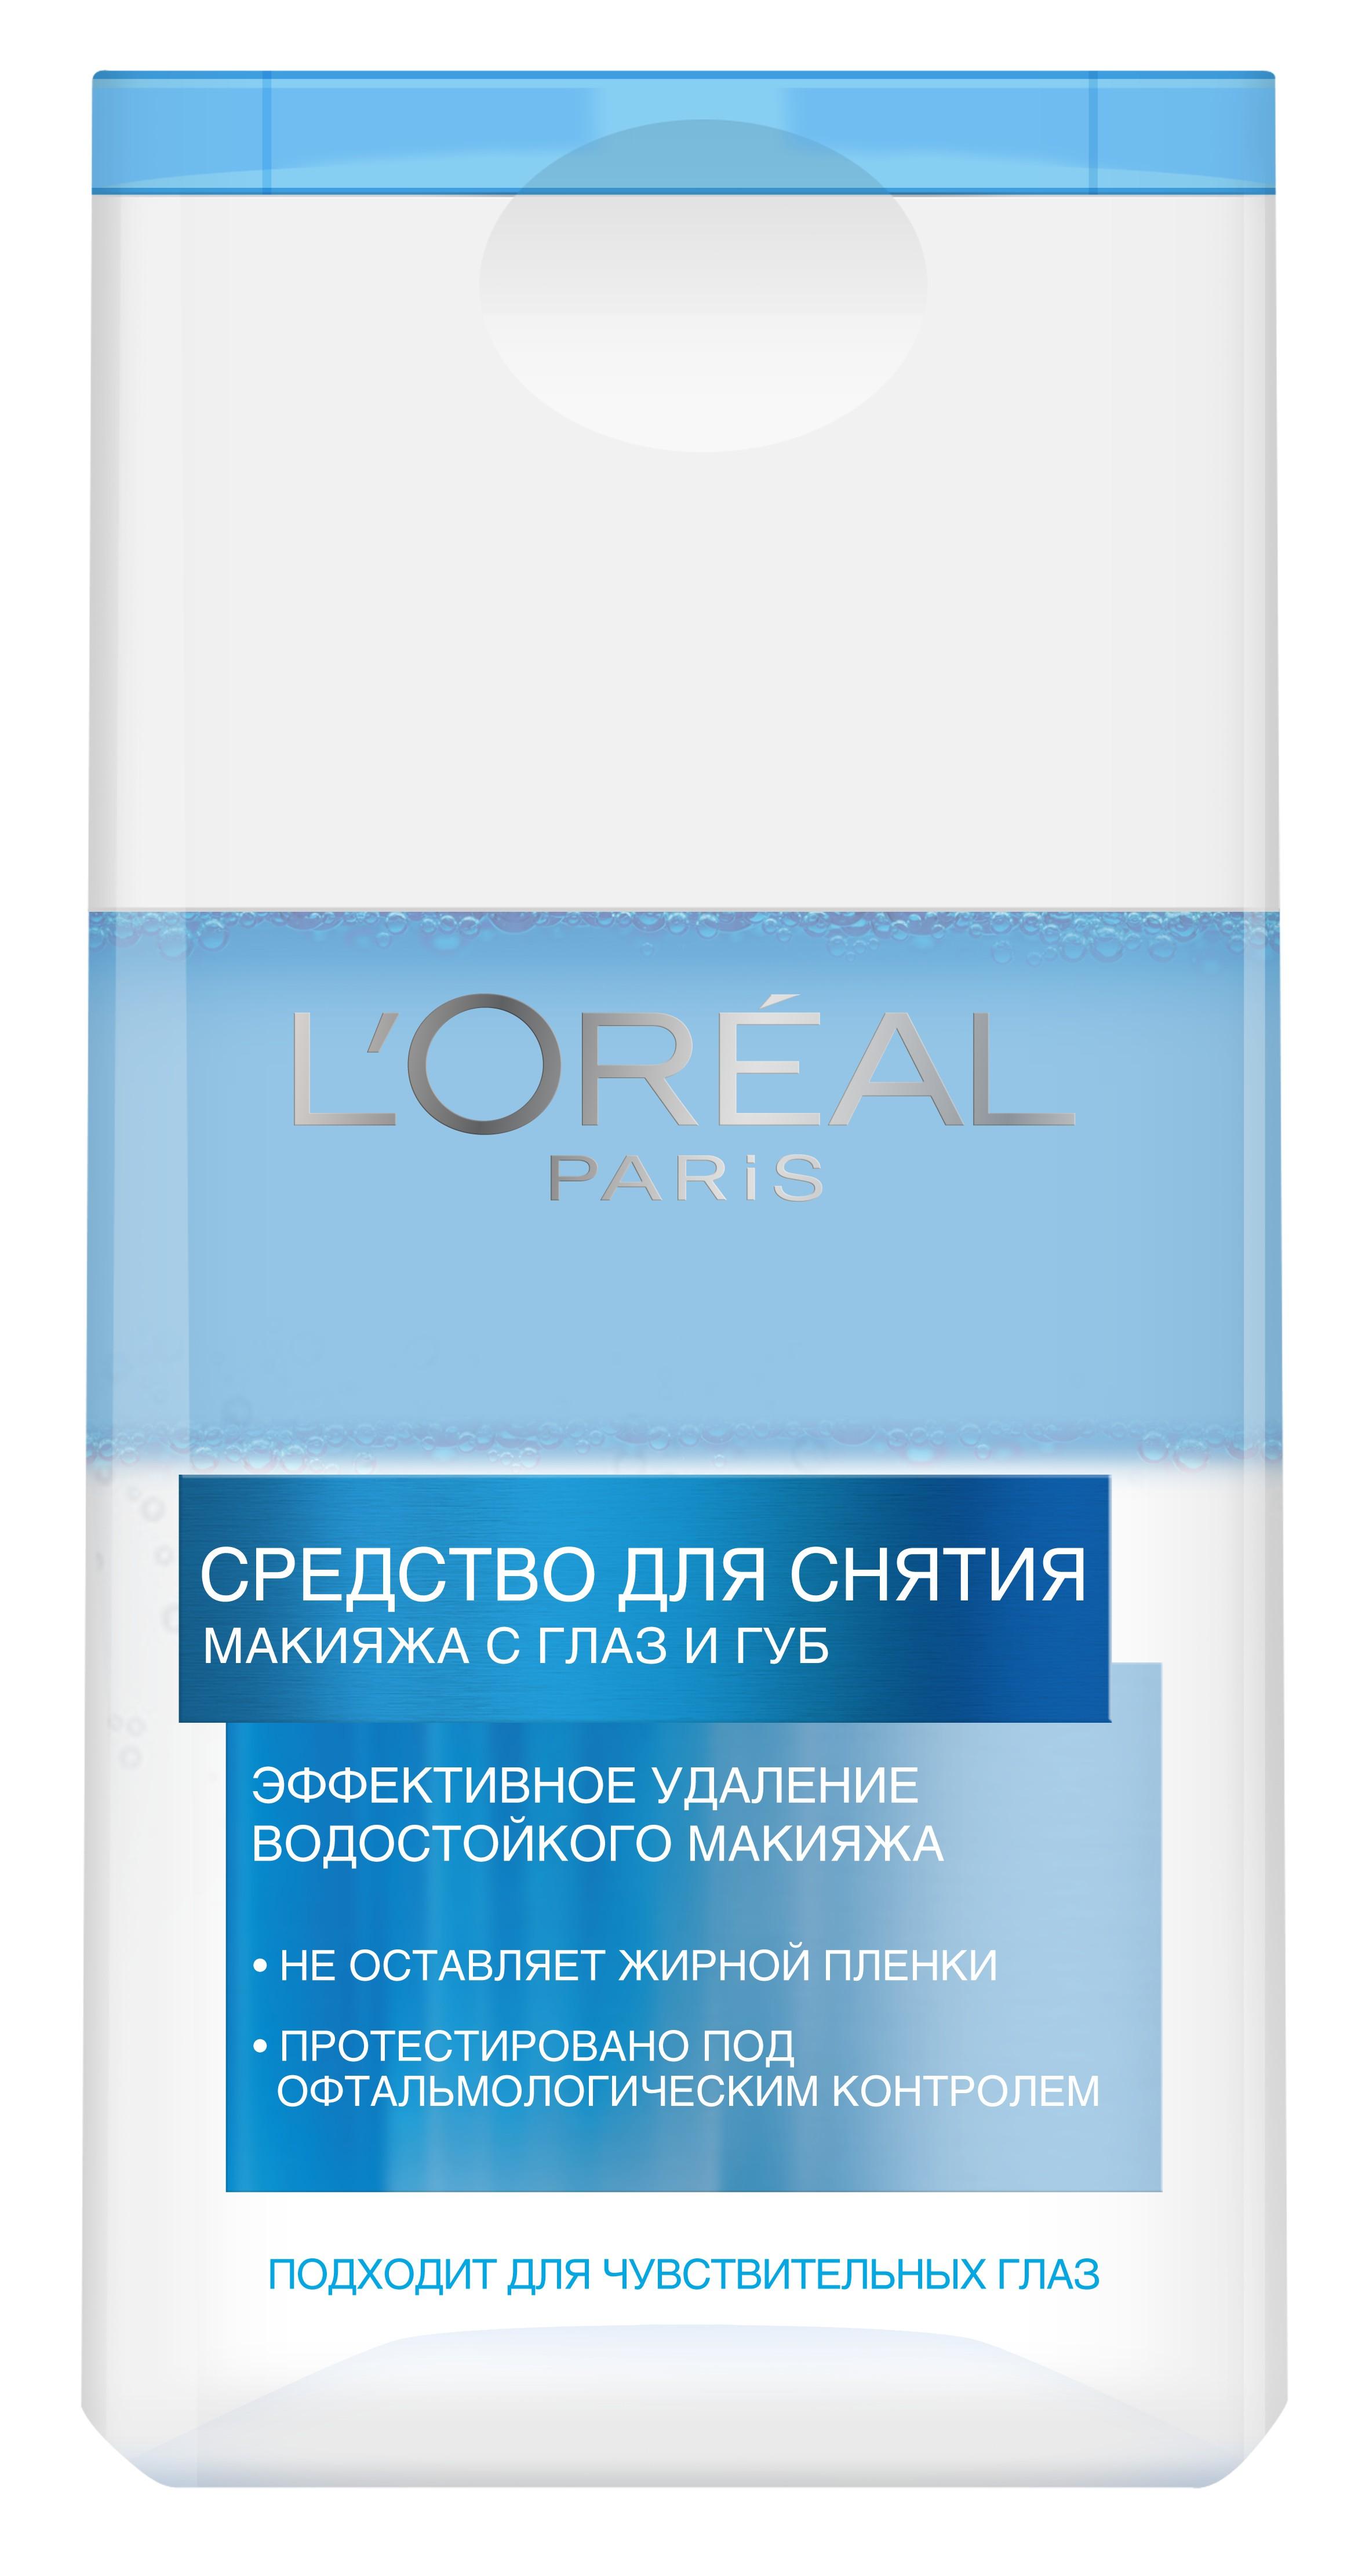 LOreal Paris Средство для снятия макияжа с глаз и губ, подходит для чувствительных глаз, 125мл34650_голубой, розовыйСпециалисты лабораторий Лореаль Париж создали инновационное средство для снятия макияжа с глаз и губ, обладающее высокой эффективностью. Легкие масла, входящие в состав темного слоя средства, смягчают, успокаивают и ухаживают за чувствительной кожей глаз, бережно избавляя ее от загрязнений. Светлый слой представляет собой деликатный лосьон, который тонизирует кожу и делает ее более свежей. Средство обеспечивает качественное и бережное снятие сложного макияжа, например, водостойкого. После использования не остается неприятной жирной пленки, мягкая формула подходит для самых чувствительных и склонных к раздражению глаз. Подходит для чувствительных глаз и при использовании контактных линз.